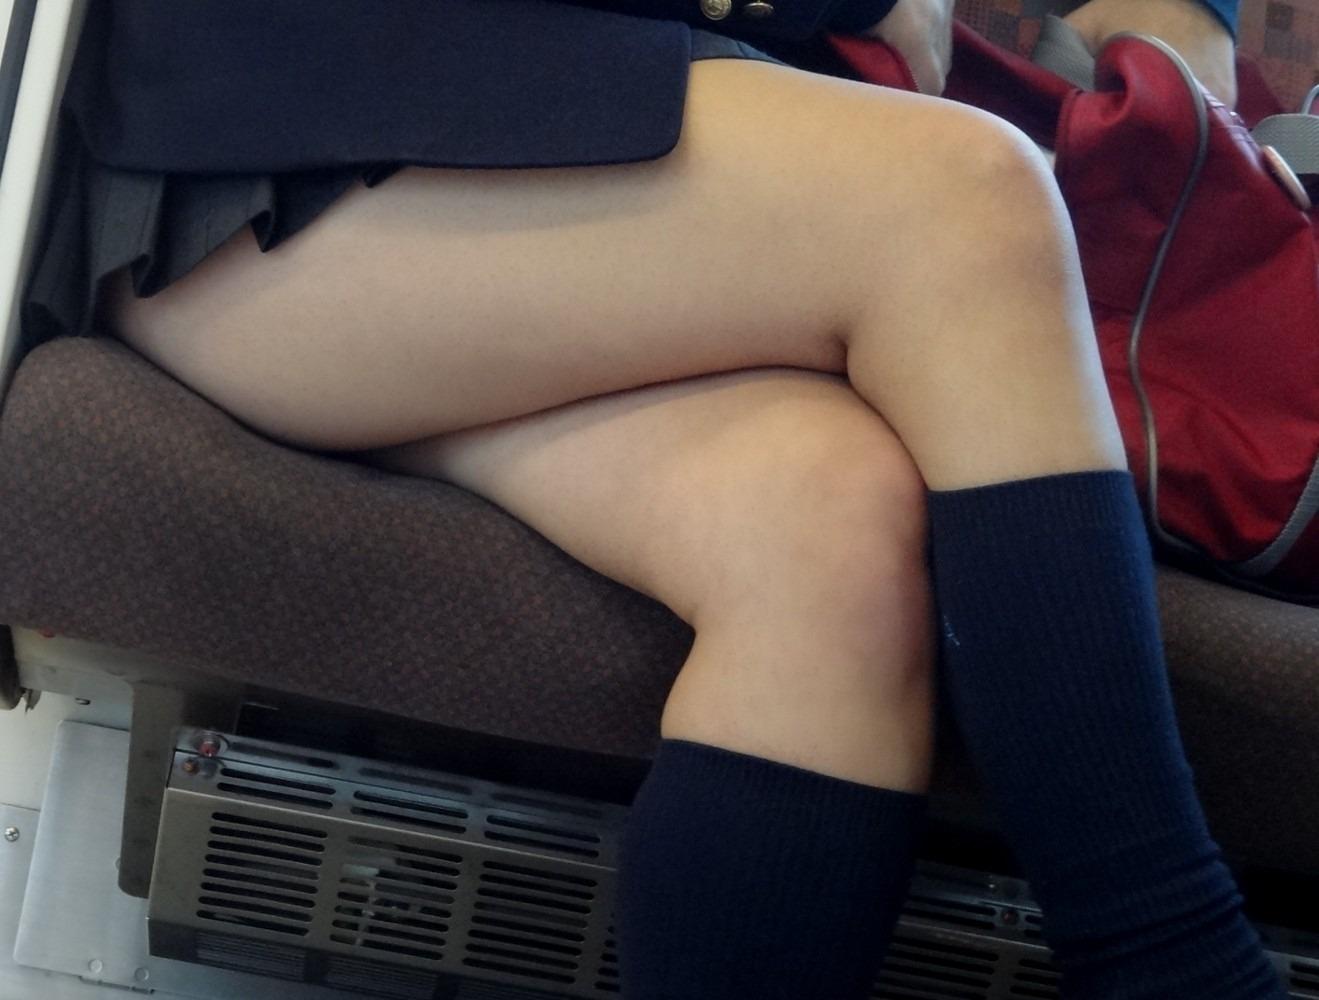 【JK画像】電車内でお座り中のJKたちのムチムチ太股をこっそり激写 07